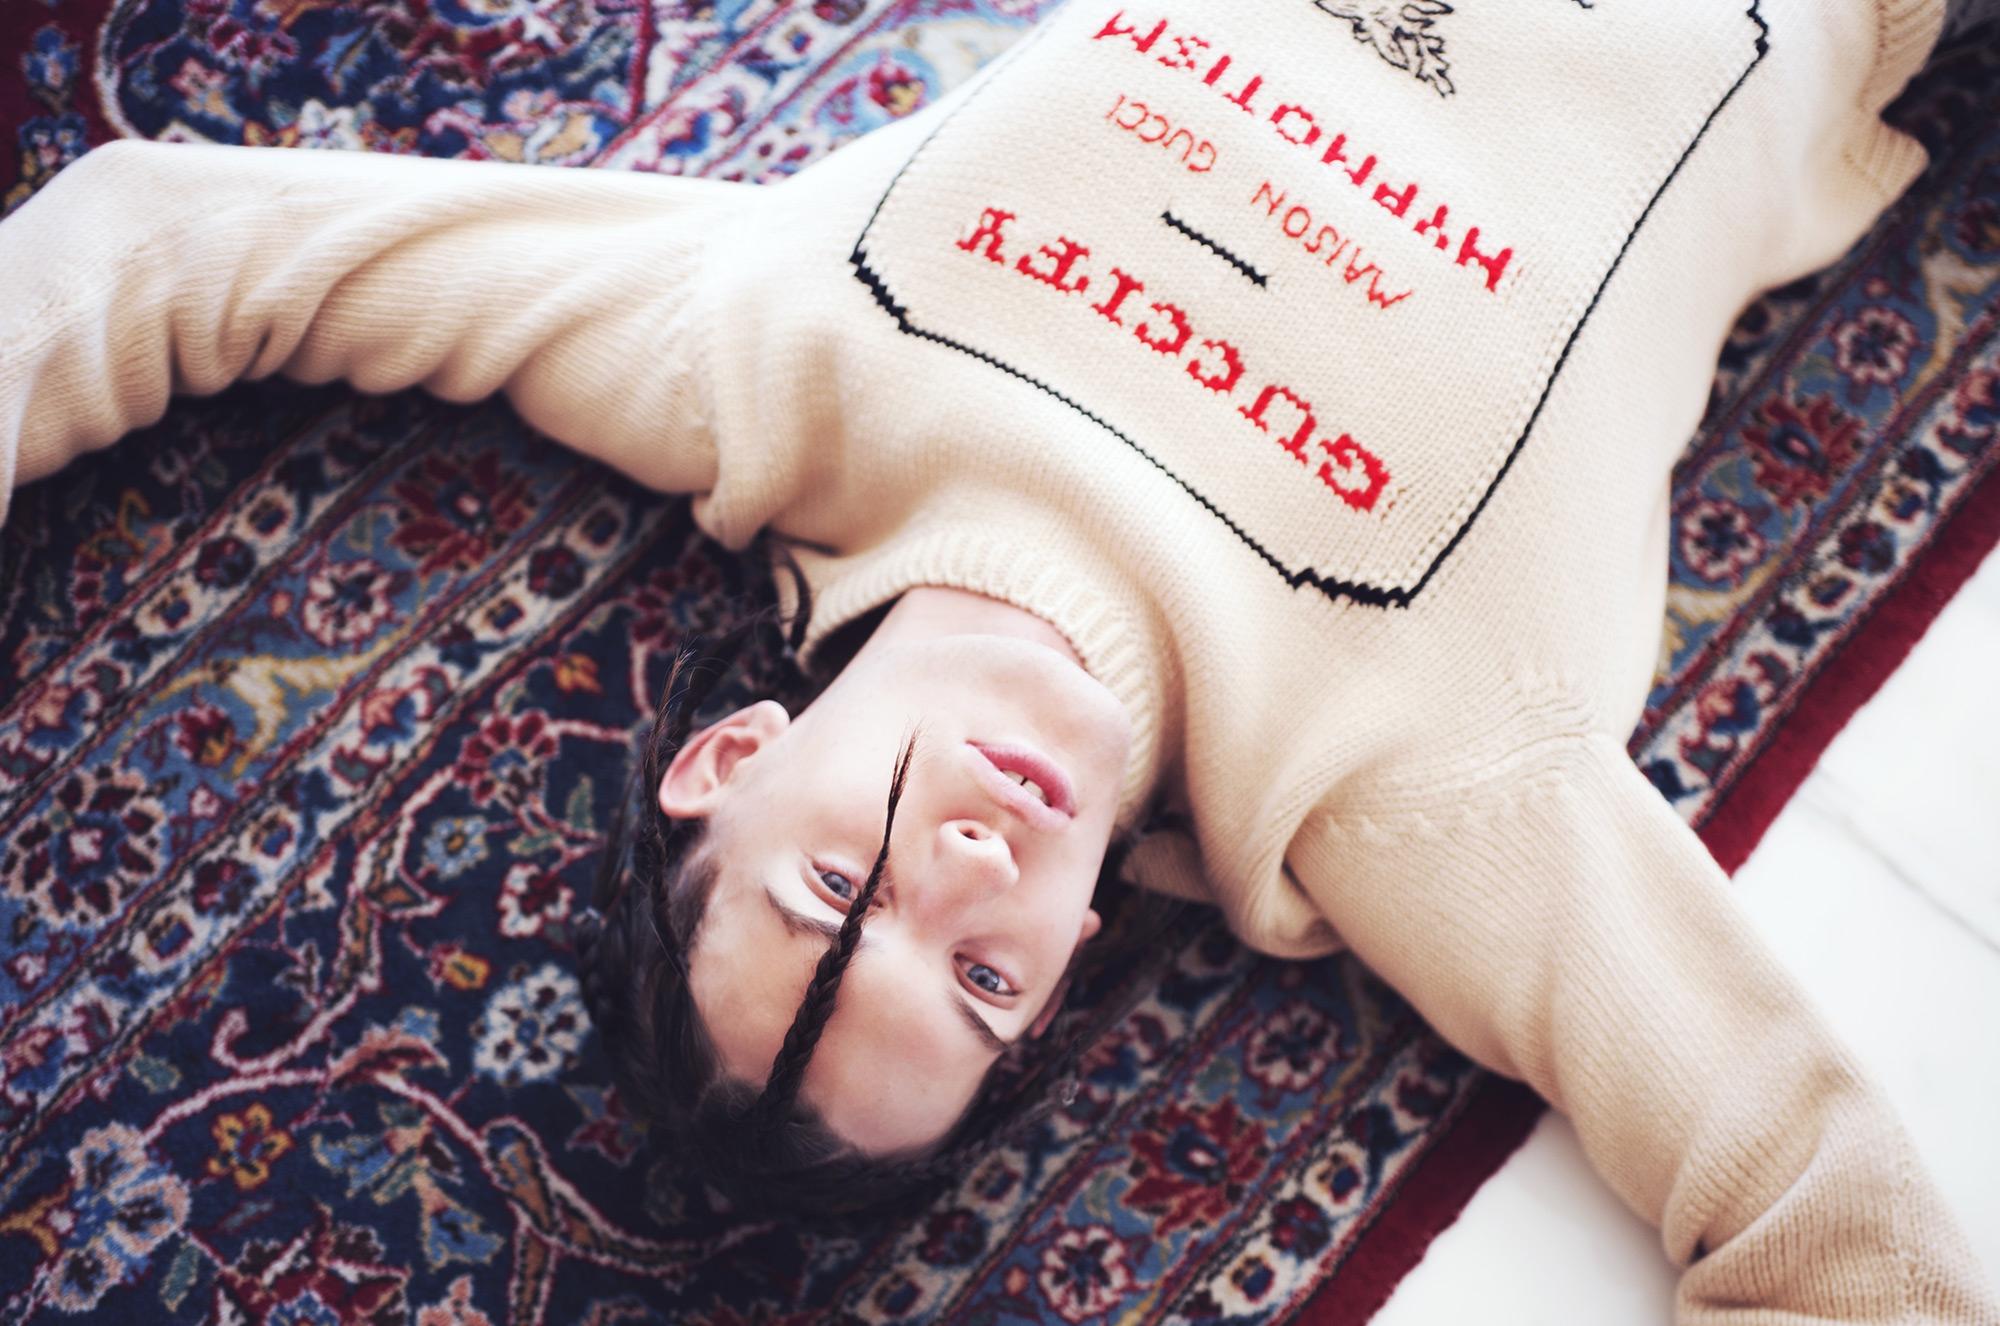 leam-roma-editoriale-dolce-gabbana-camicia-gucci-neilbarrett-uomo-moda-vestito